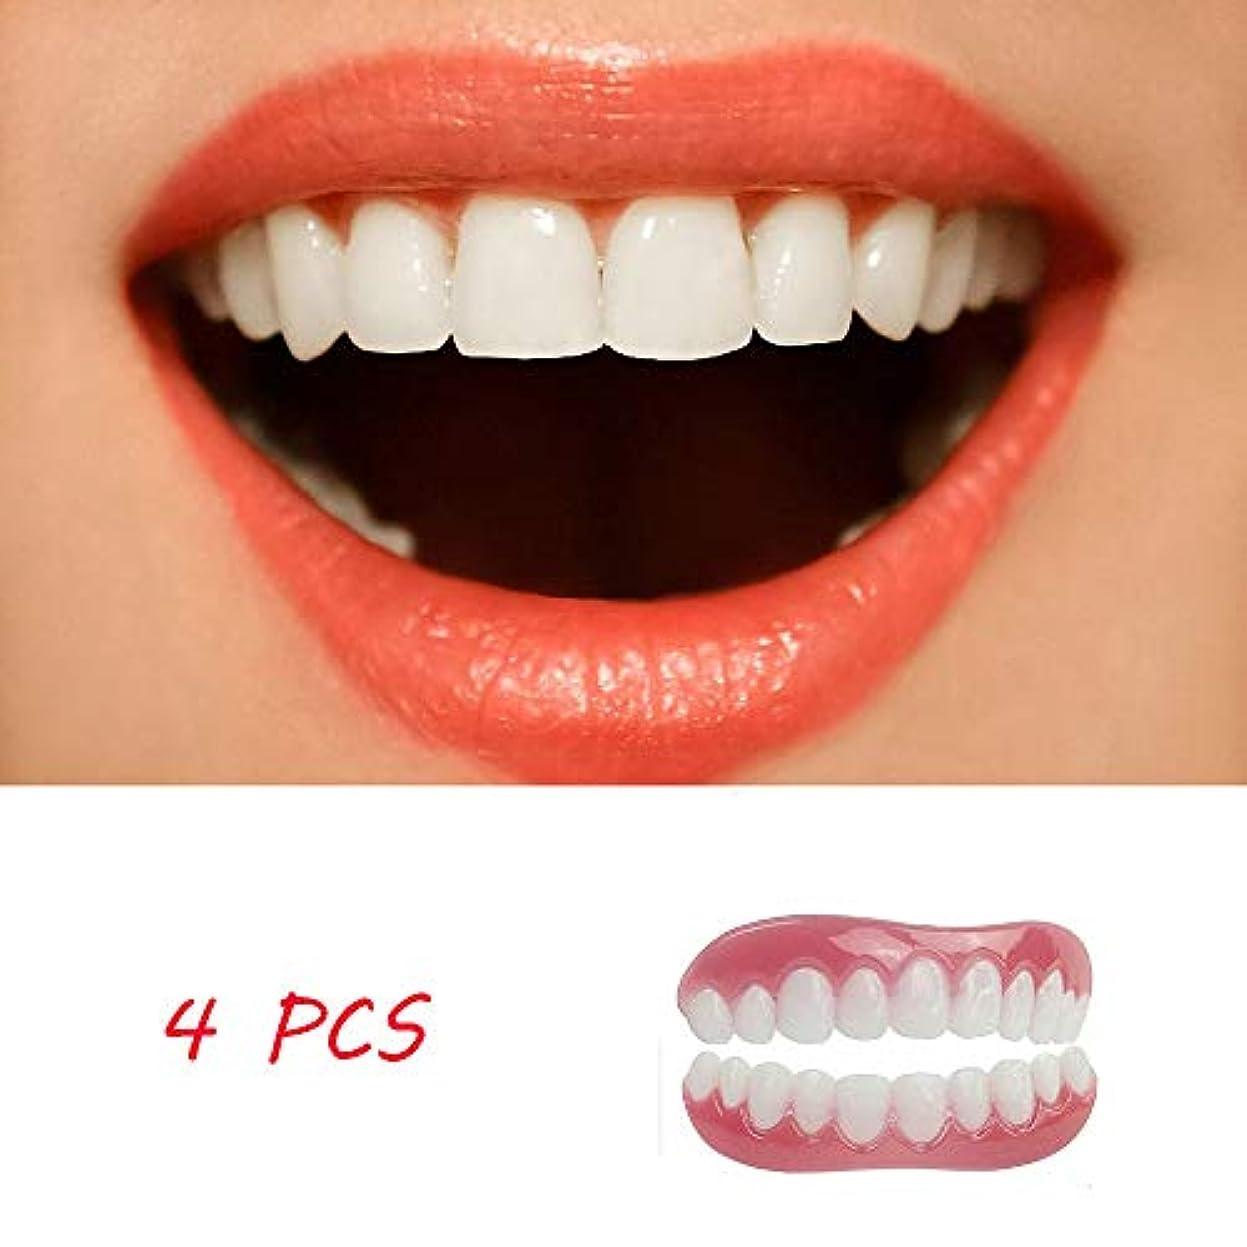 ペレグリネーション令状傘新しい4ピースホワイトニング歯の快適さ柔らかい化粧品の歯一時的な笑顔のベニヤ歯科用化粧のベニヤ歯科用カバー美容ツール(上+下)